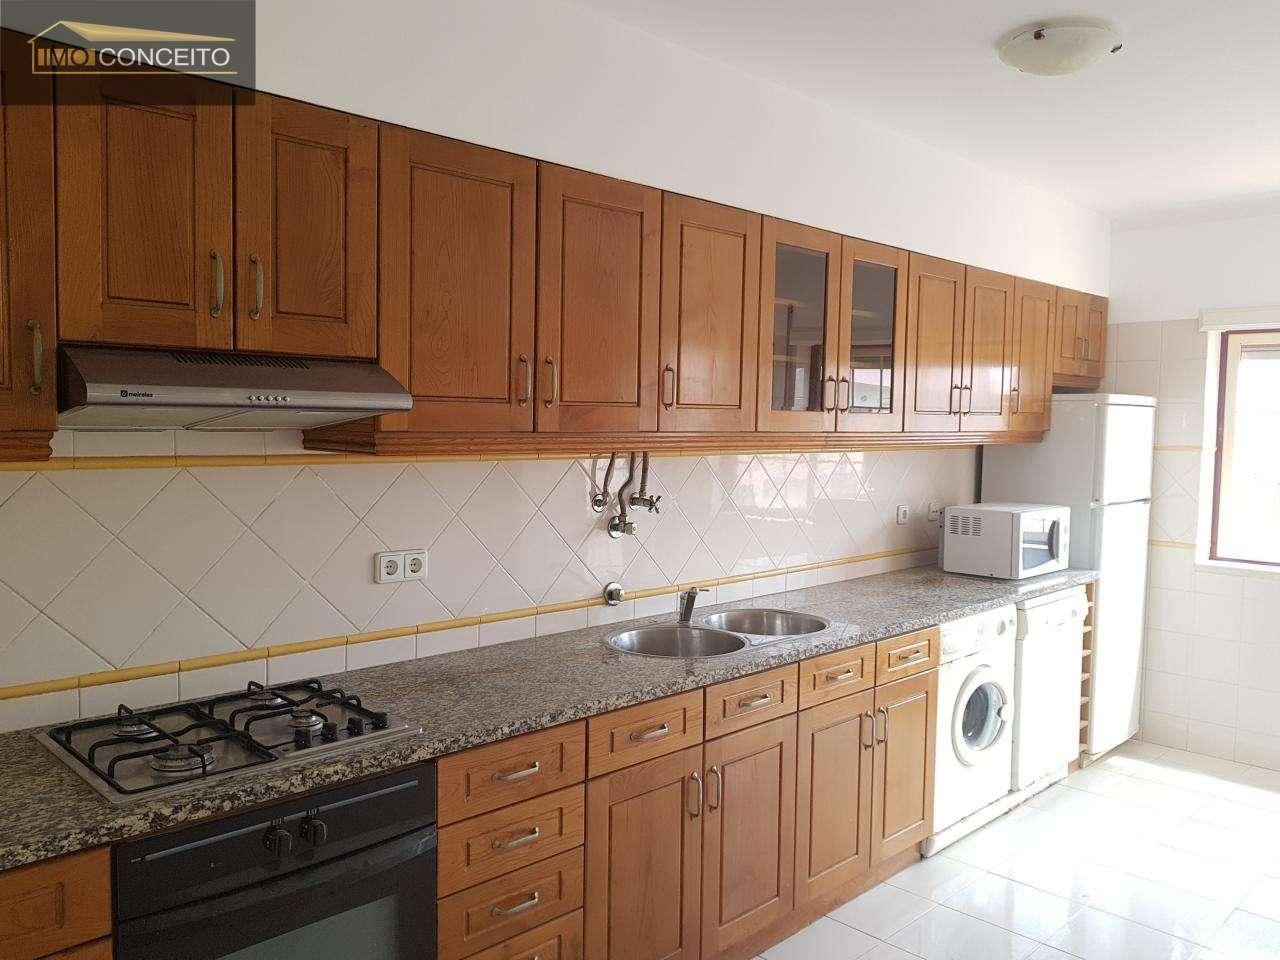 Apartamento para comprar, Nossa Senhora de Fátima, Entroncamento, Santarém - Foto 3